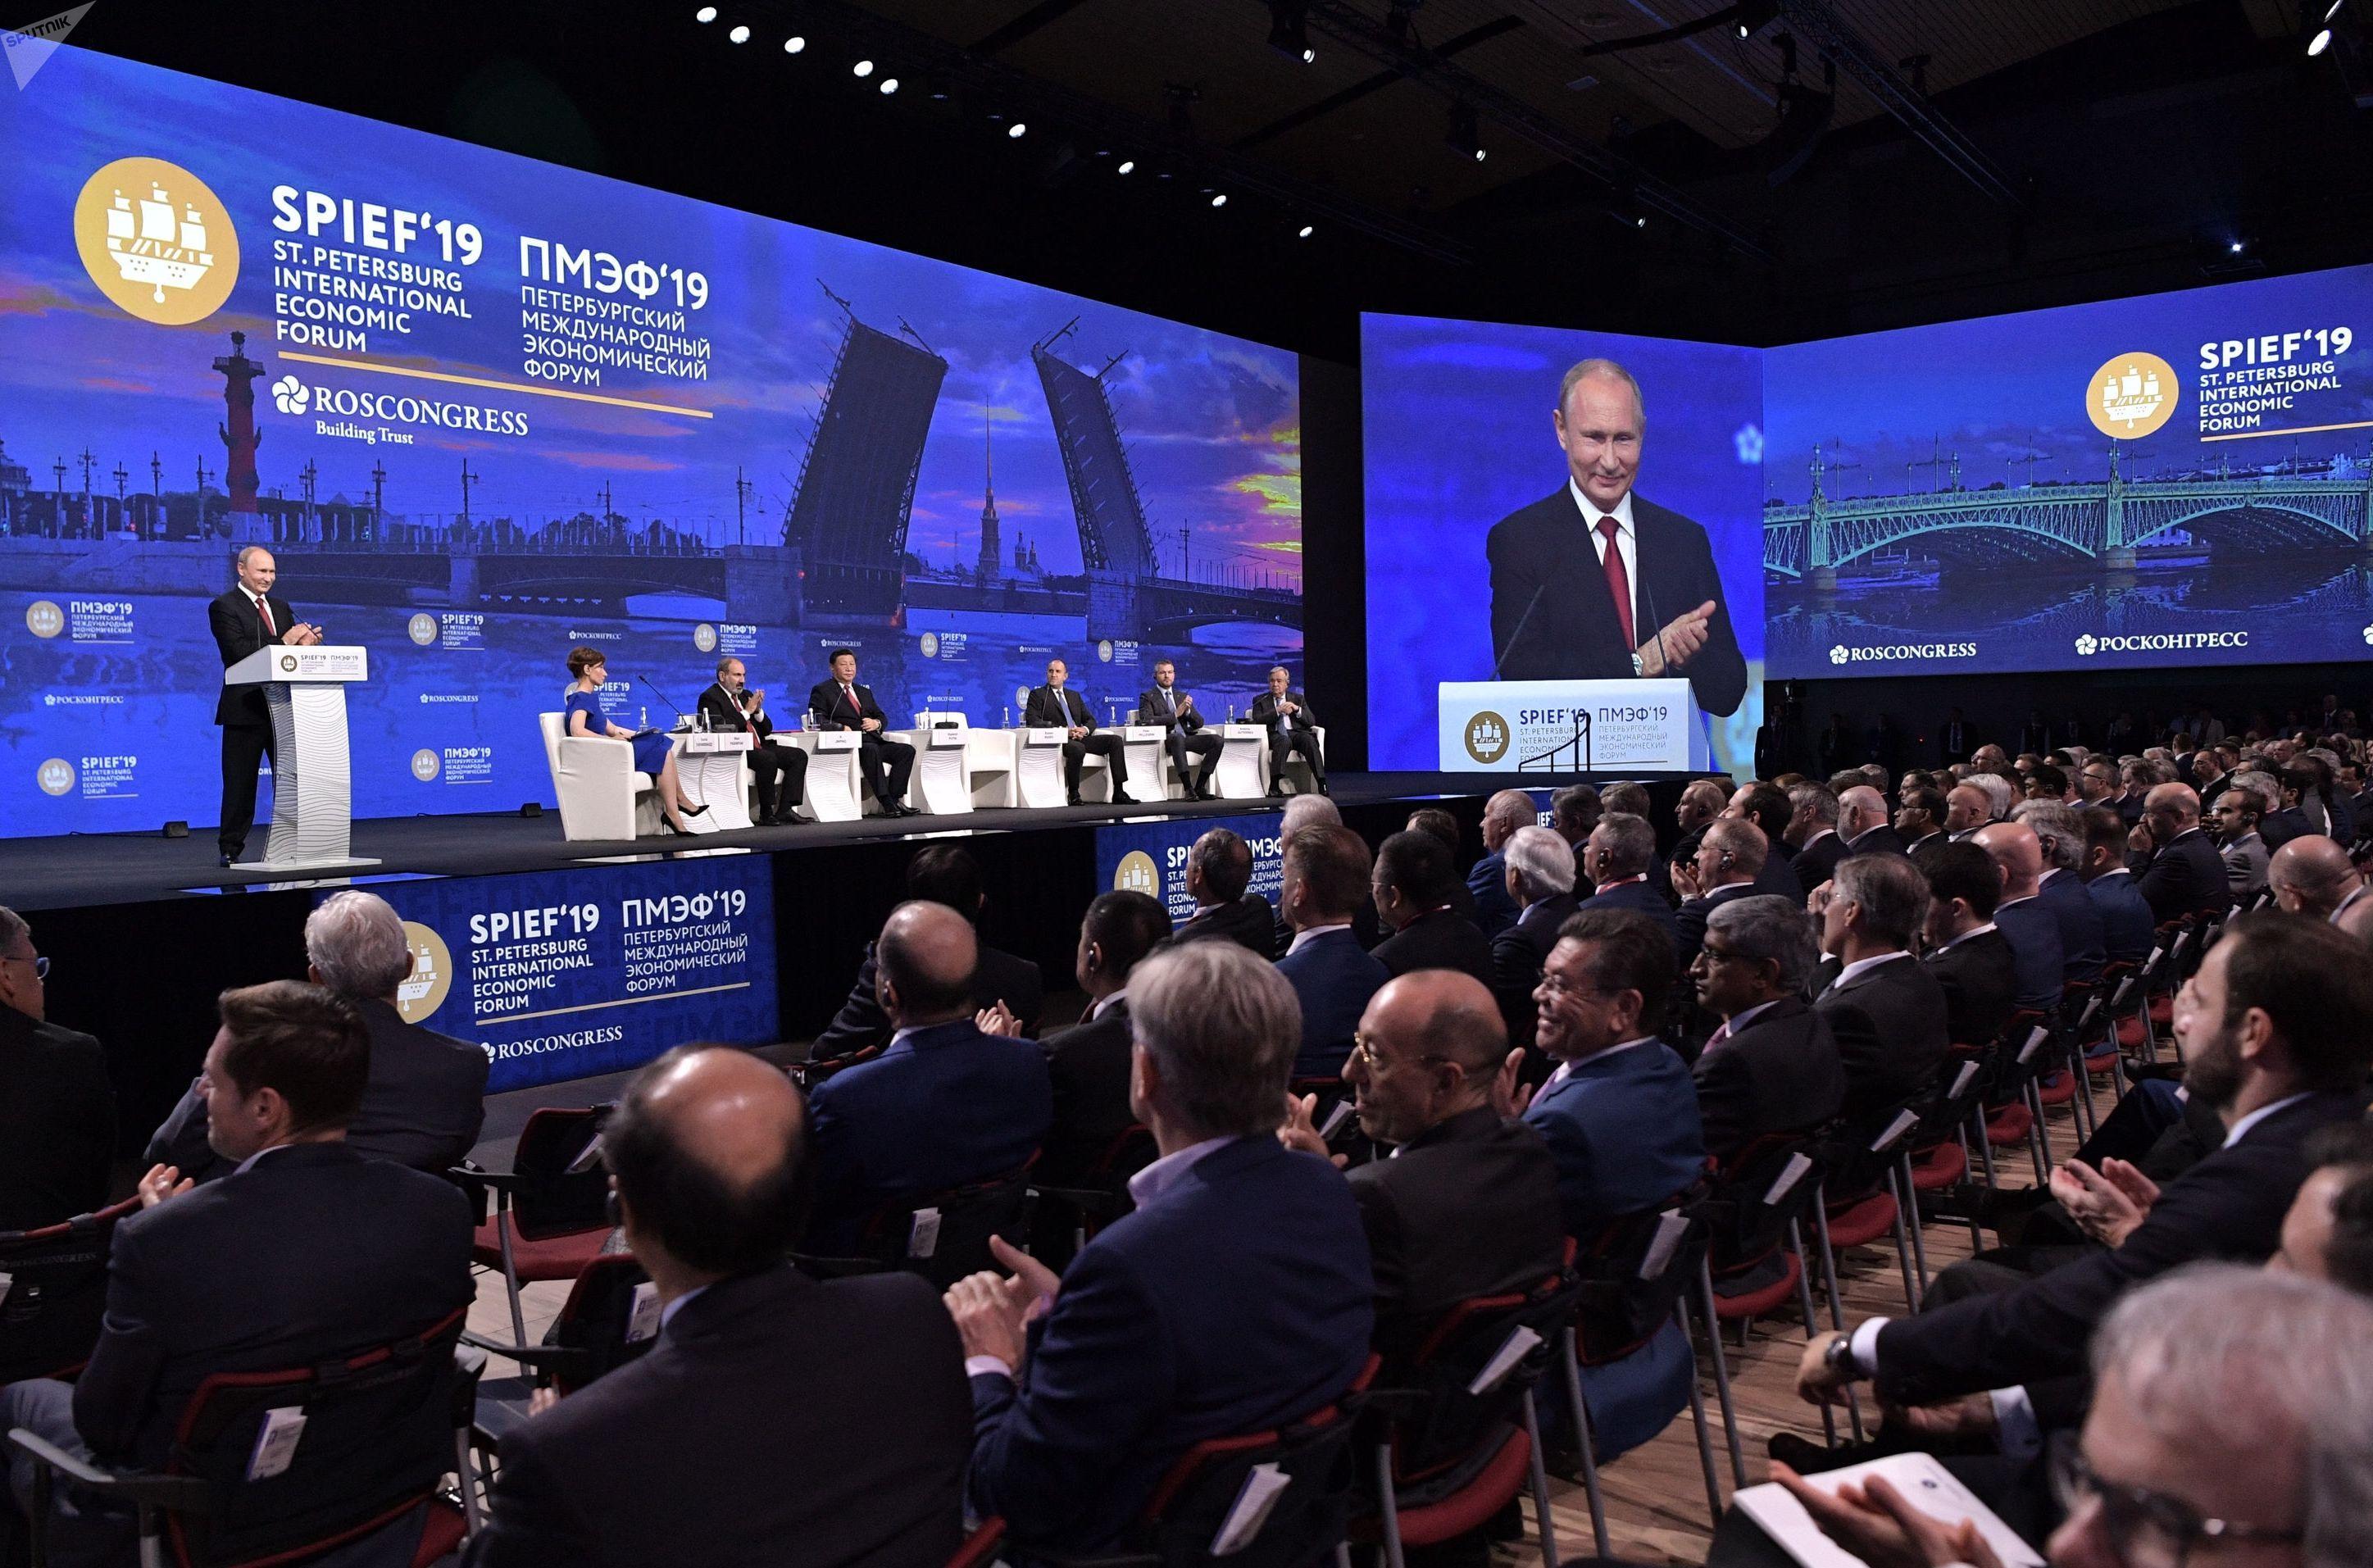 Президент РФ Владимир Путин выступает на пленарном заседании Петербургского международного экономического форума 2019 (ПМЭФ-2019) в конгрессно-выставочном центре Экспофорум.